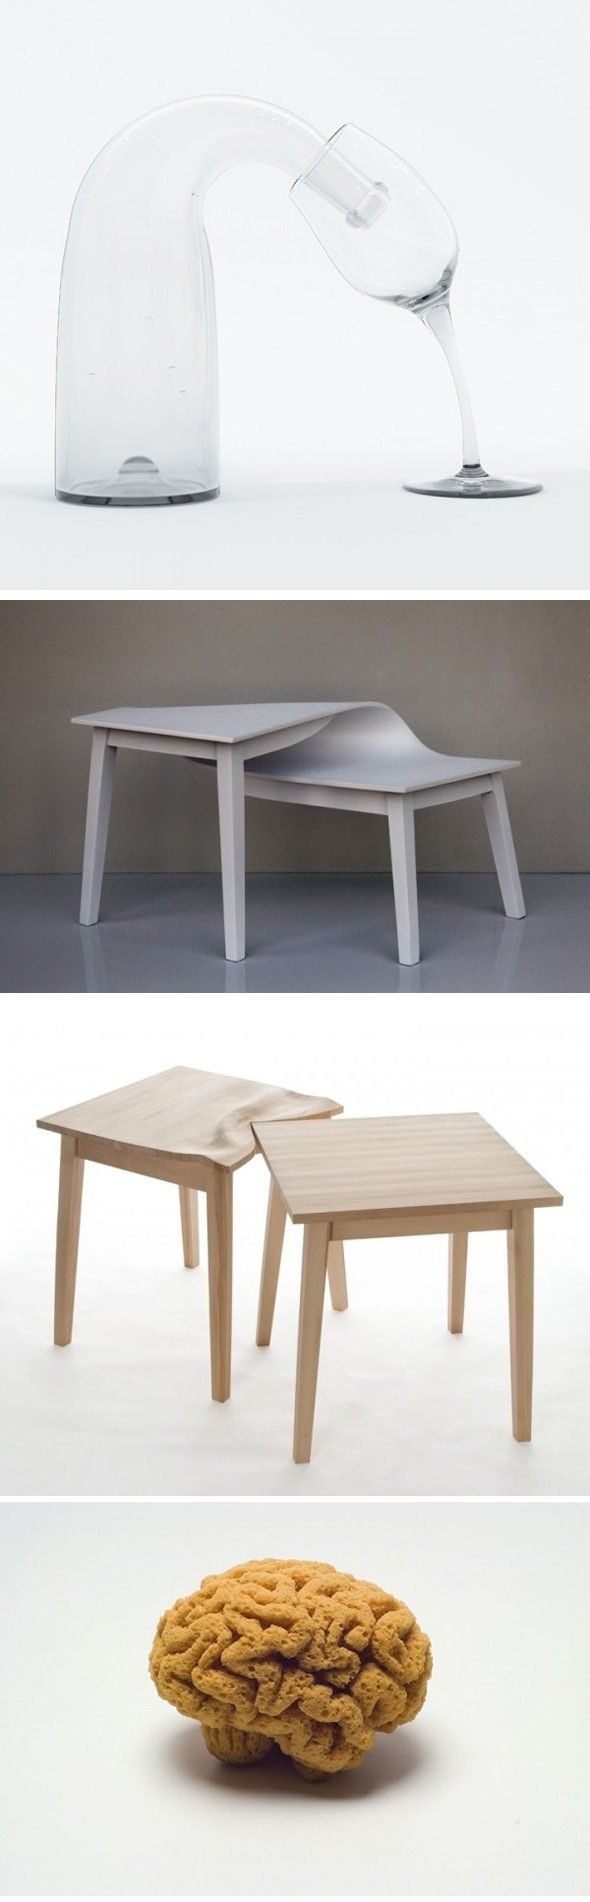 d tournement d 39 objets par suzy leli vre d tourner pinterest design objet design et objet. Black Bedroom Furniture Sets. Home Design Ideas